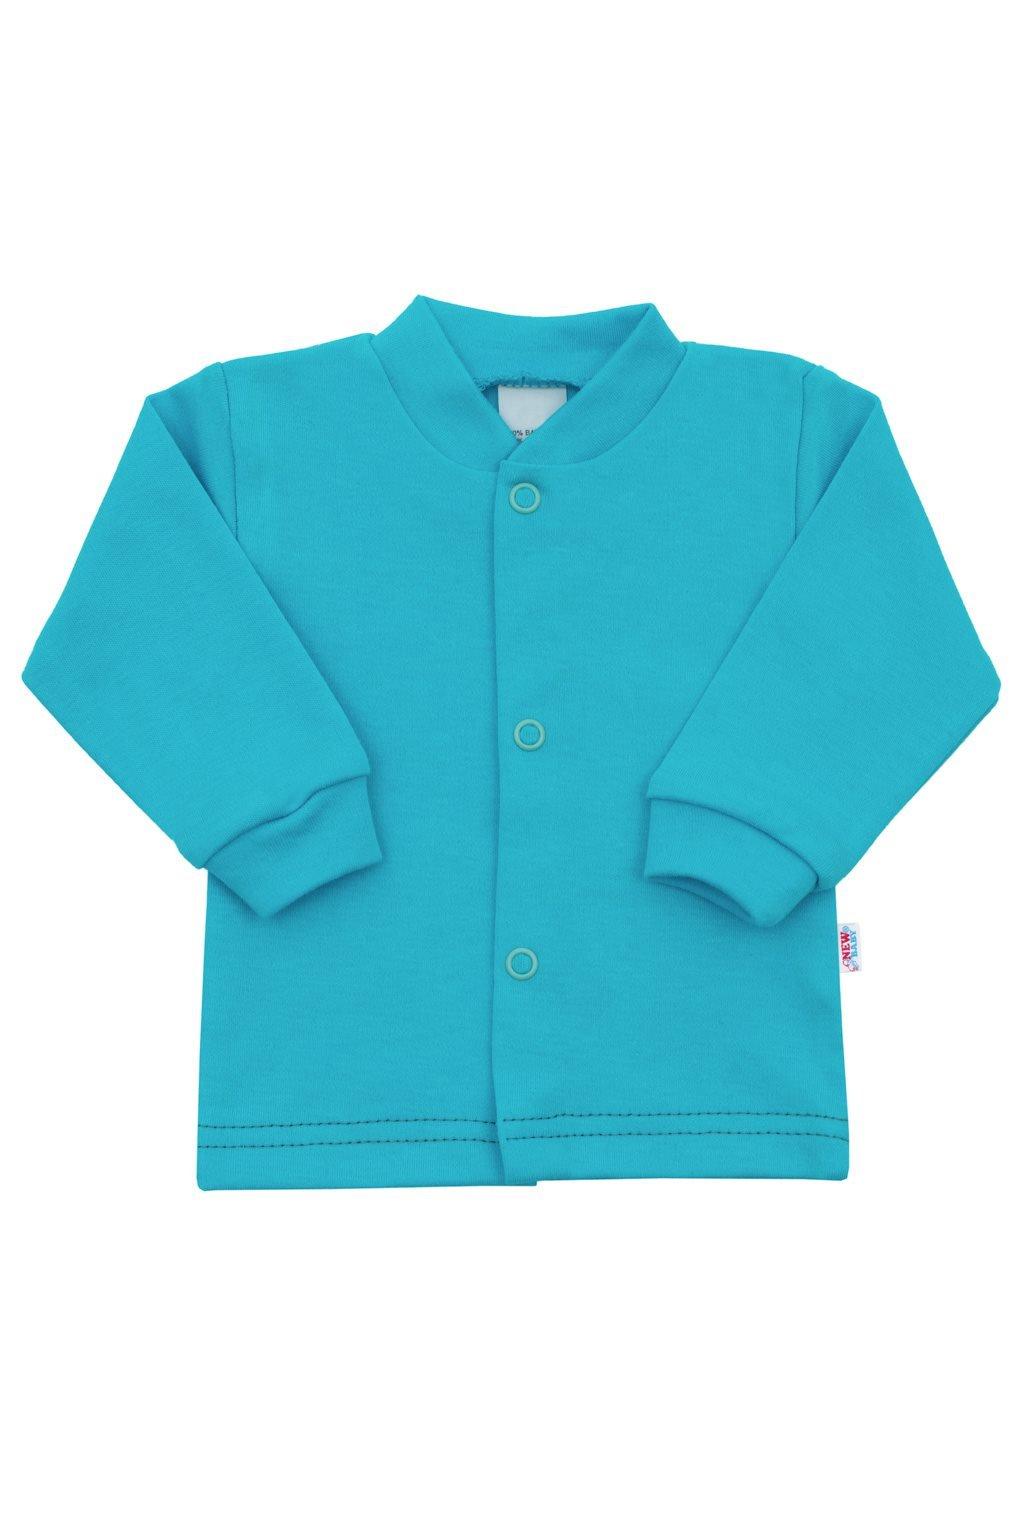 Dojčenský kabátik New Baby Mouse tyrkysový